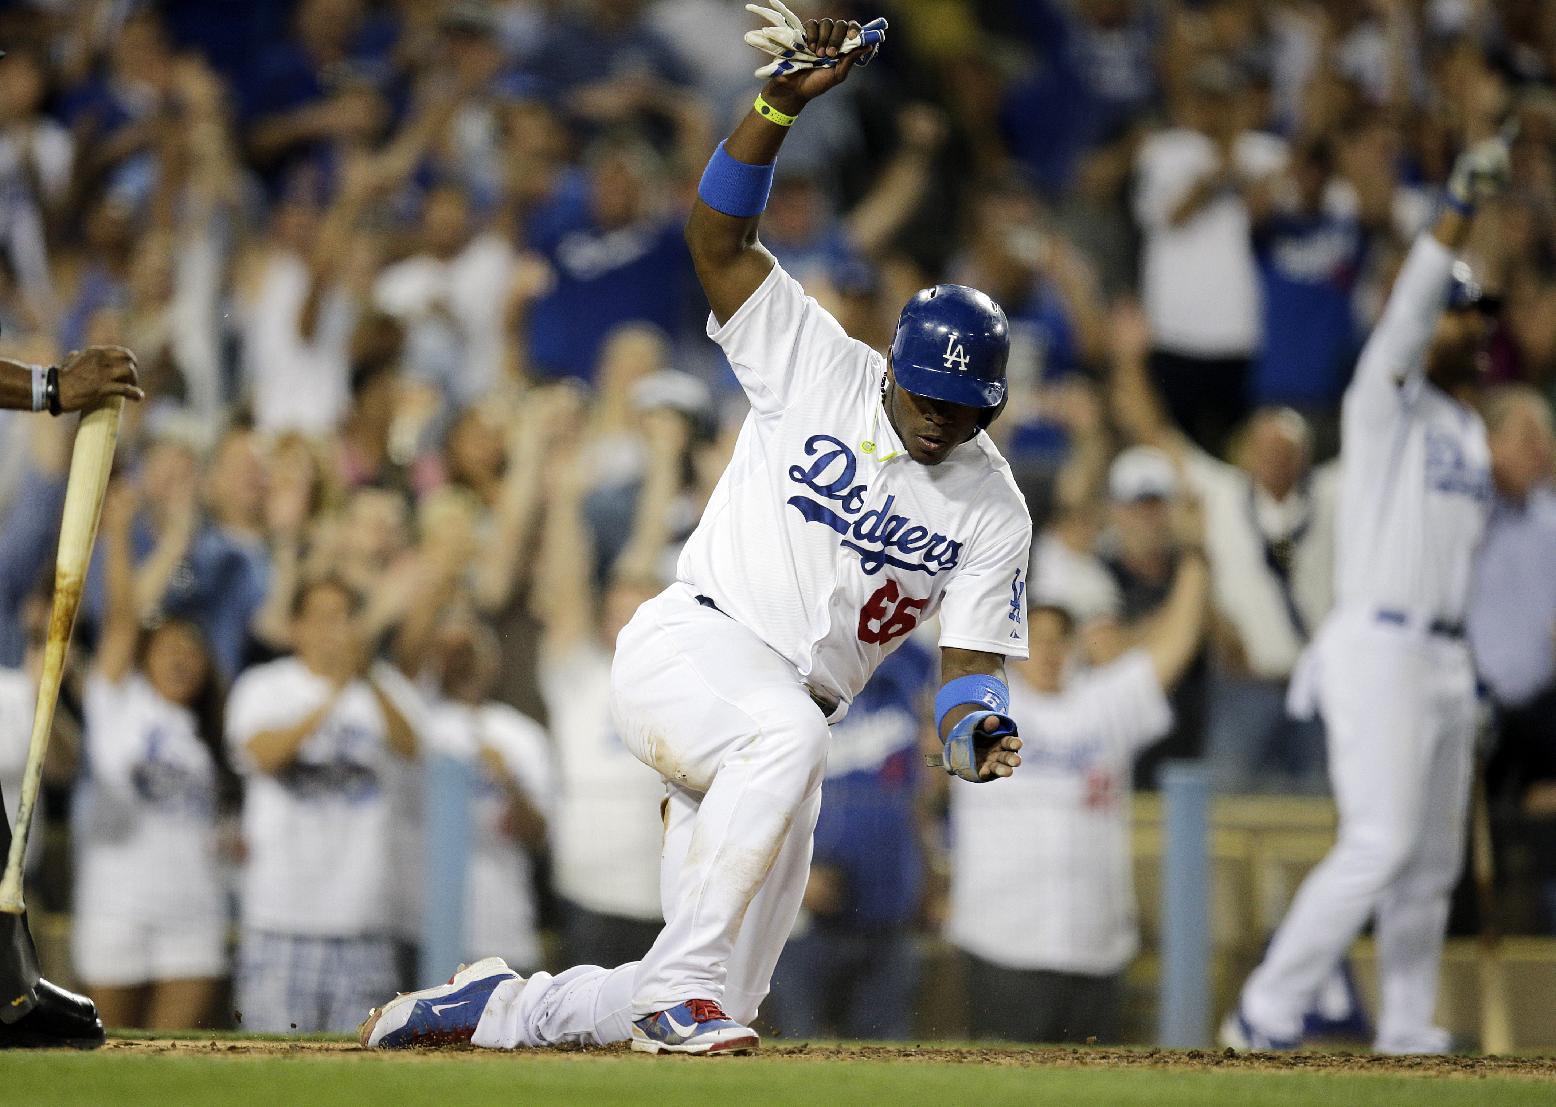 Beckett's 1st win since 2012, Dodgers beat Marlins